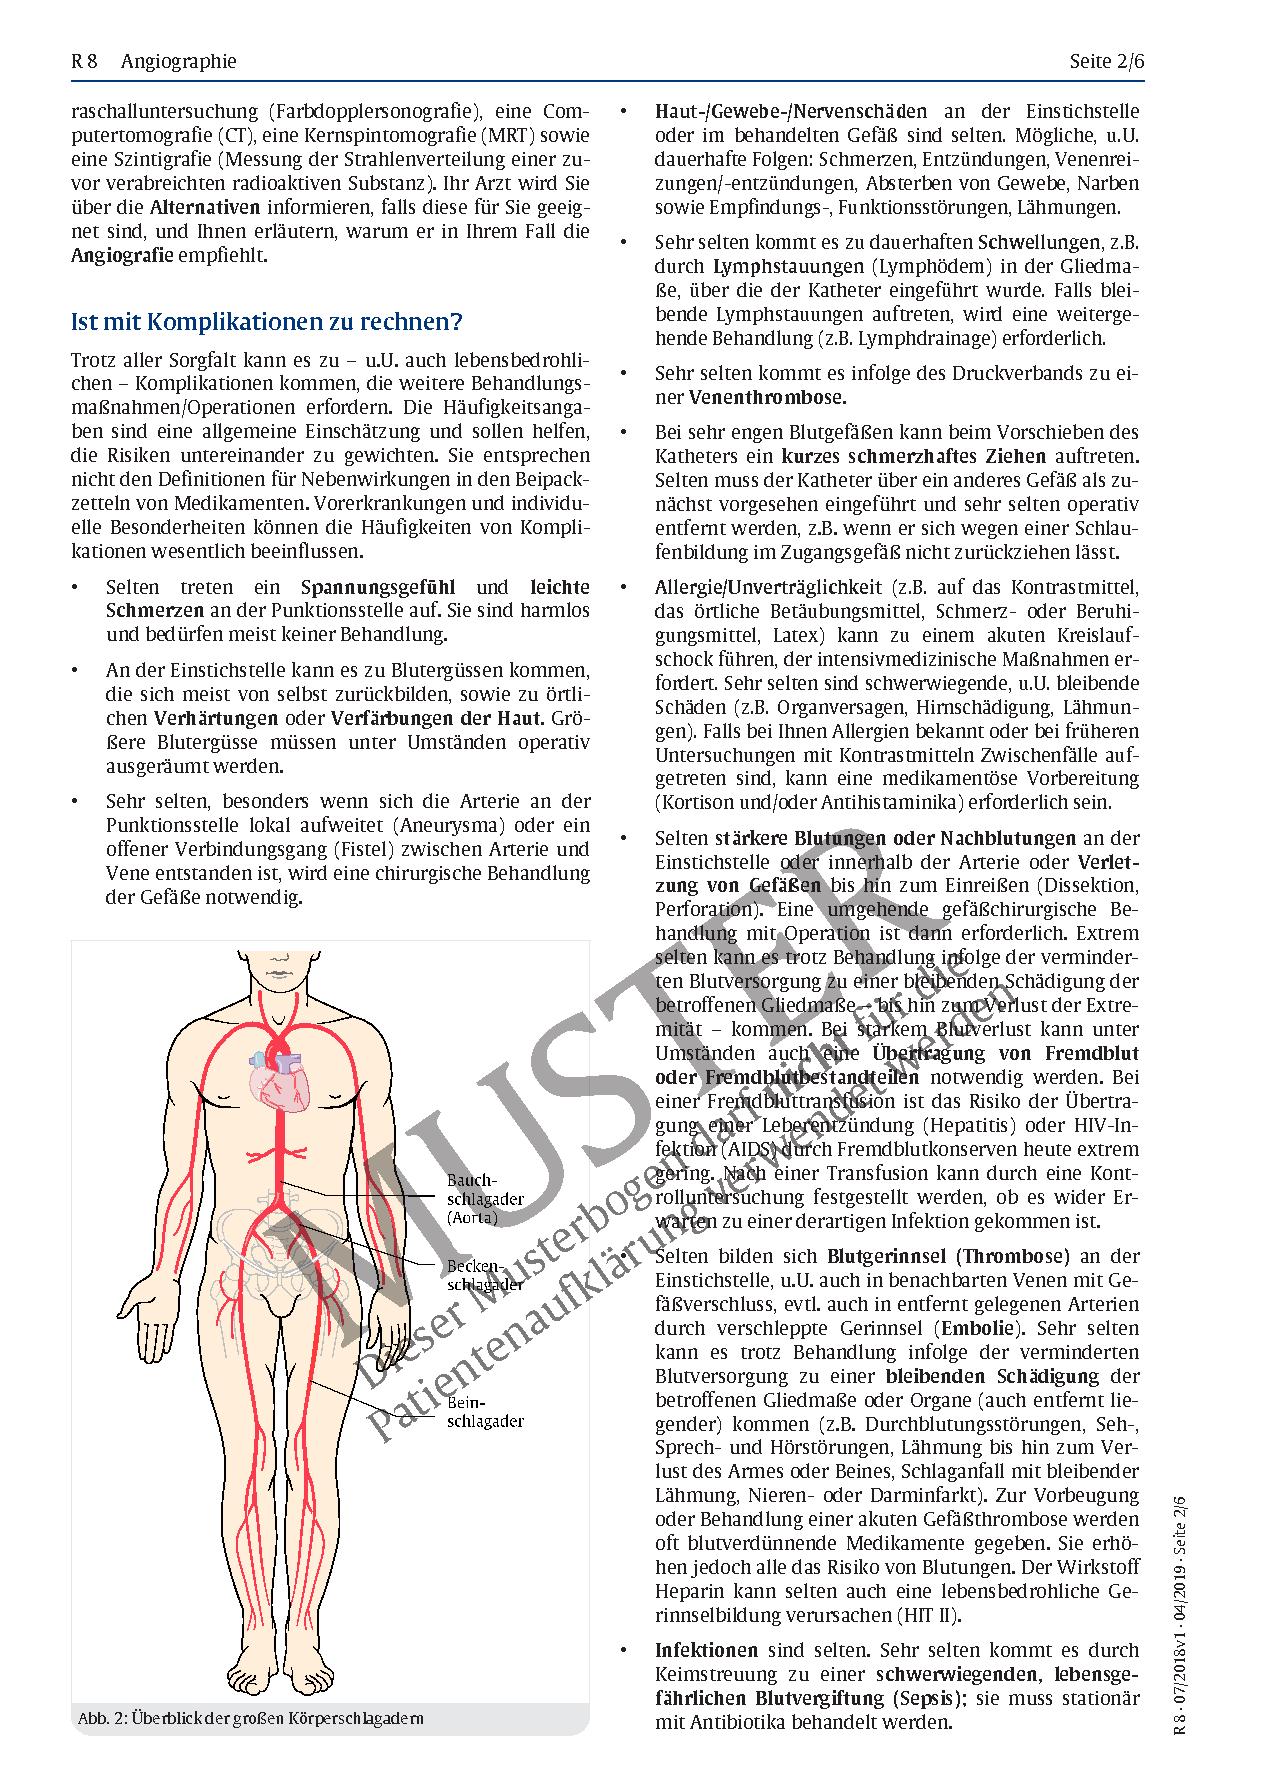 Ziemlich Anatomie Der Blutgefäße Venen Ideen - Anatomie Ideen ...